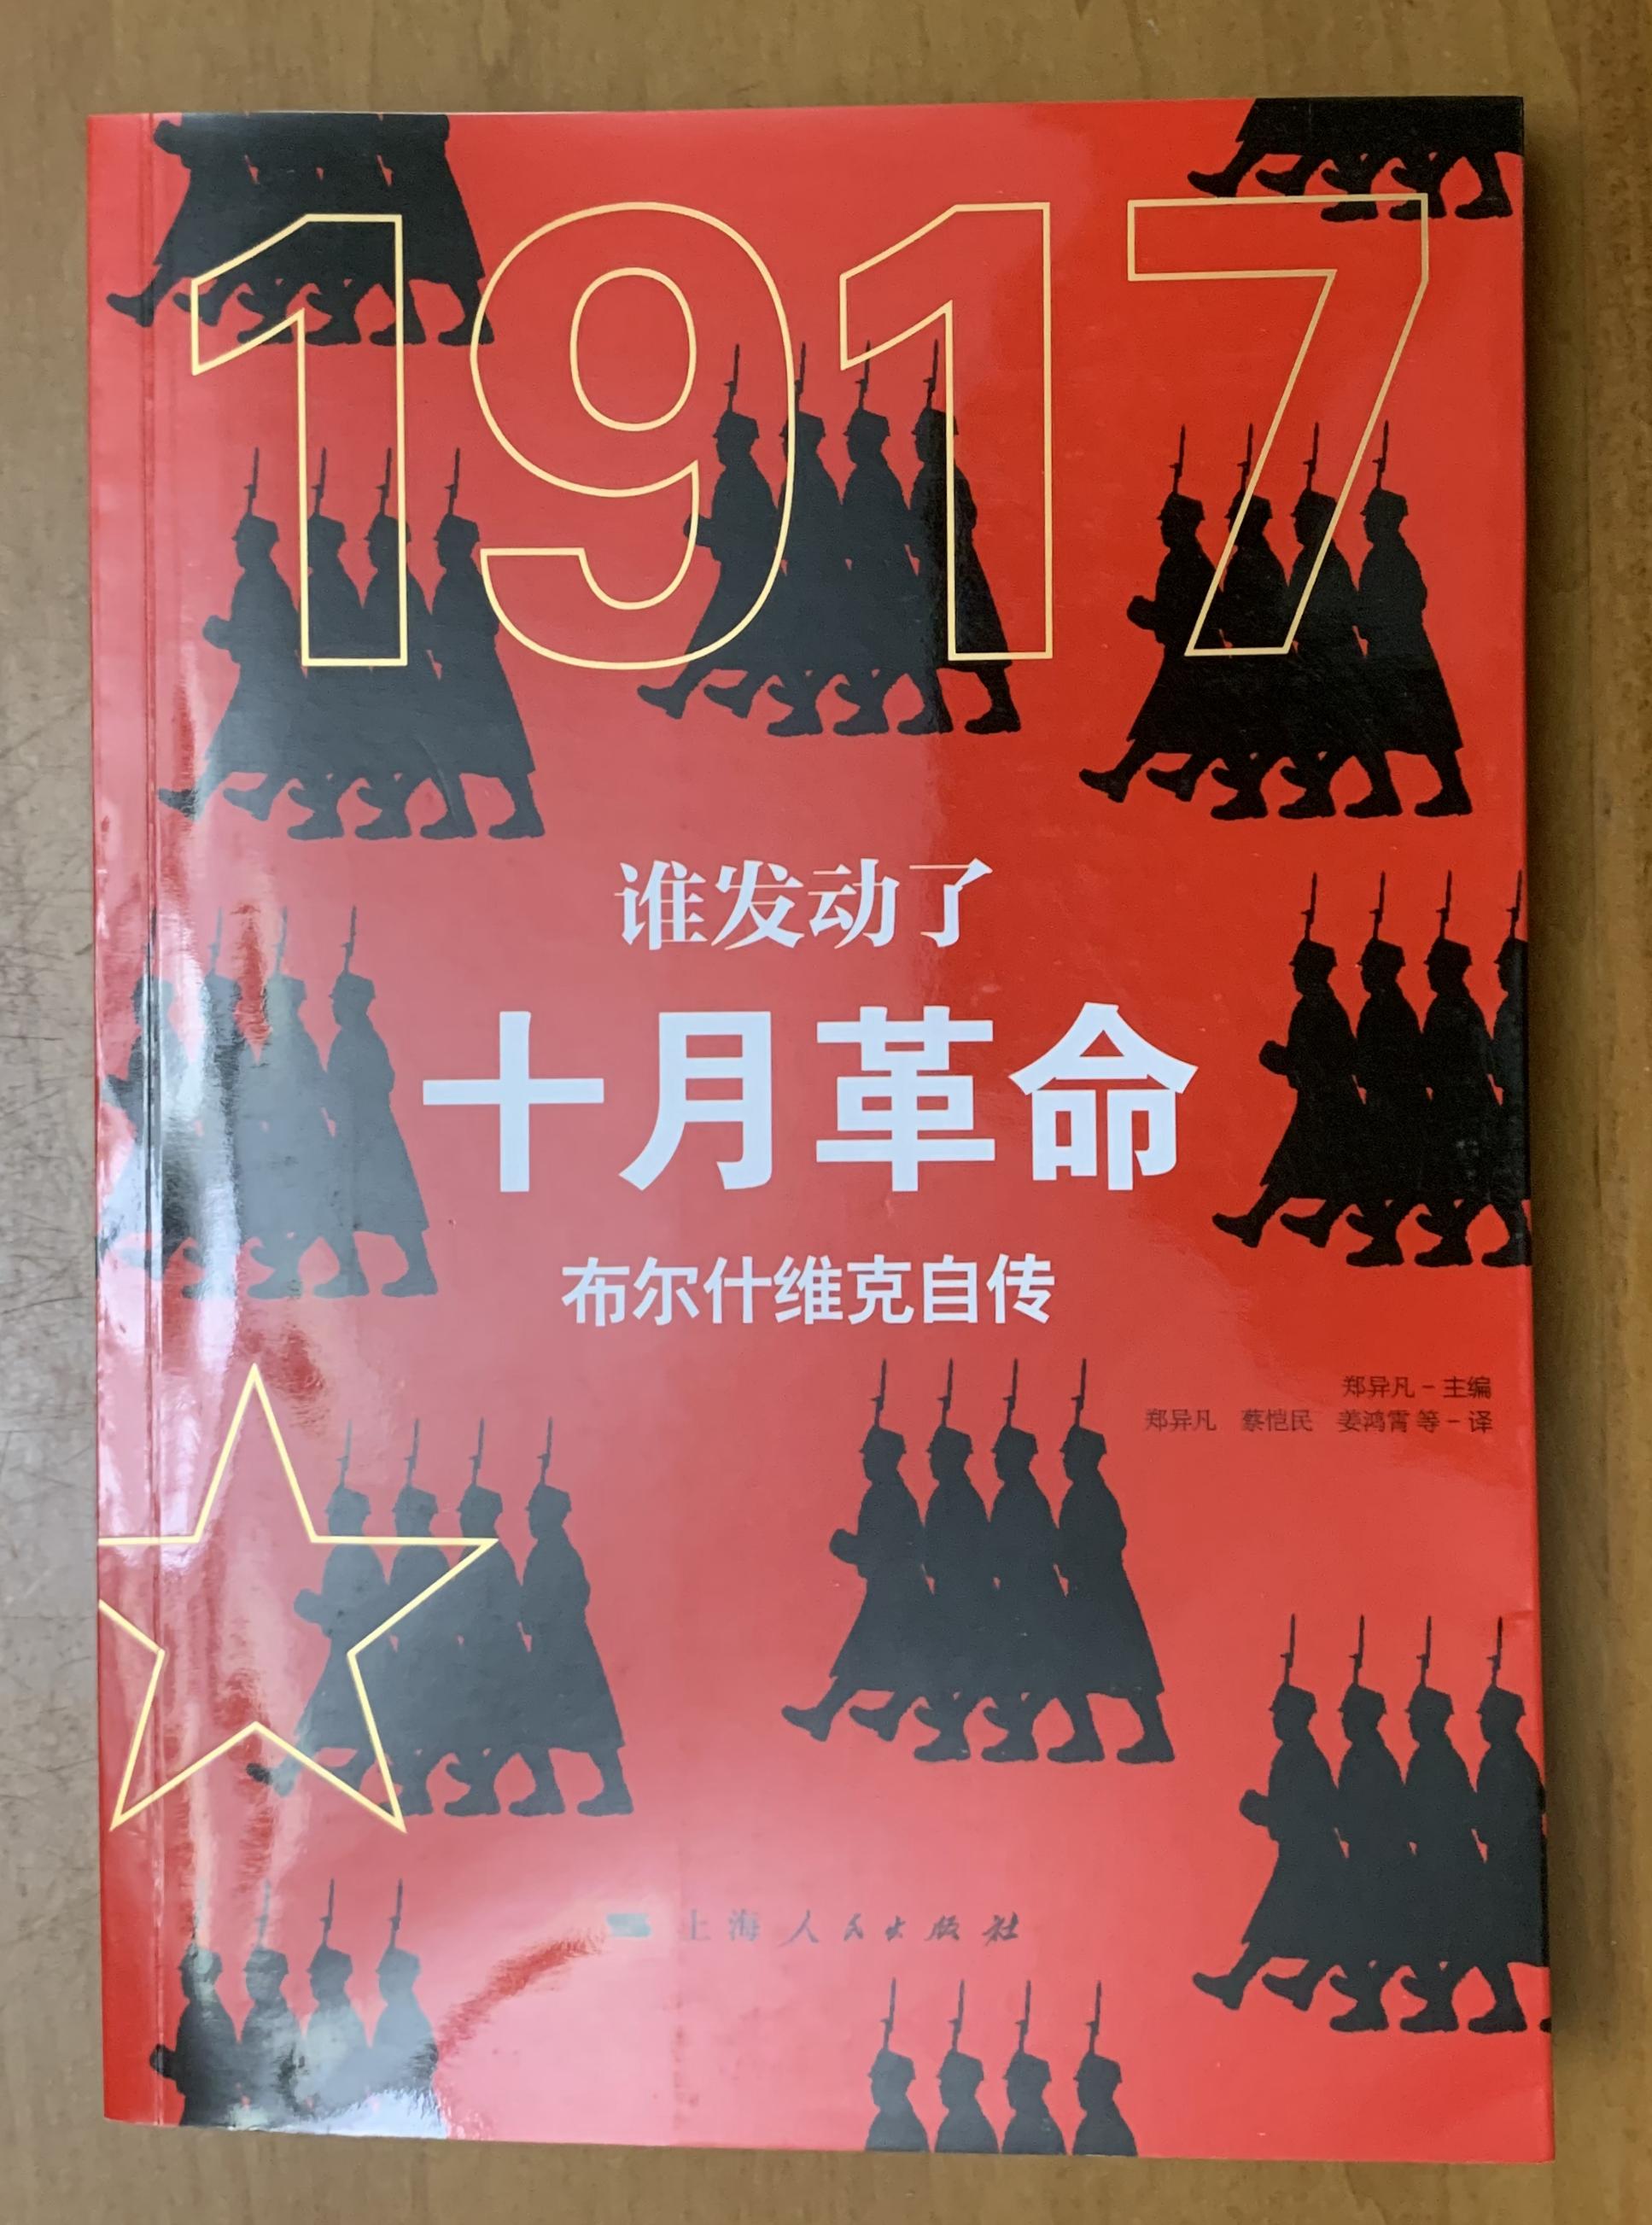 上海人民出版社2017年版谁《发动了十月革命》